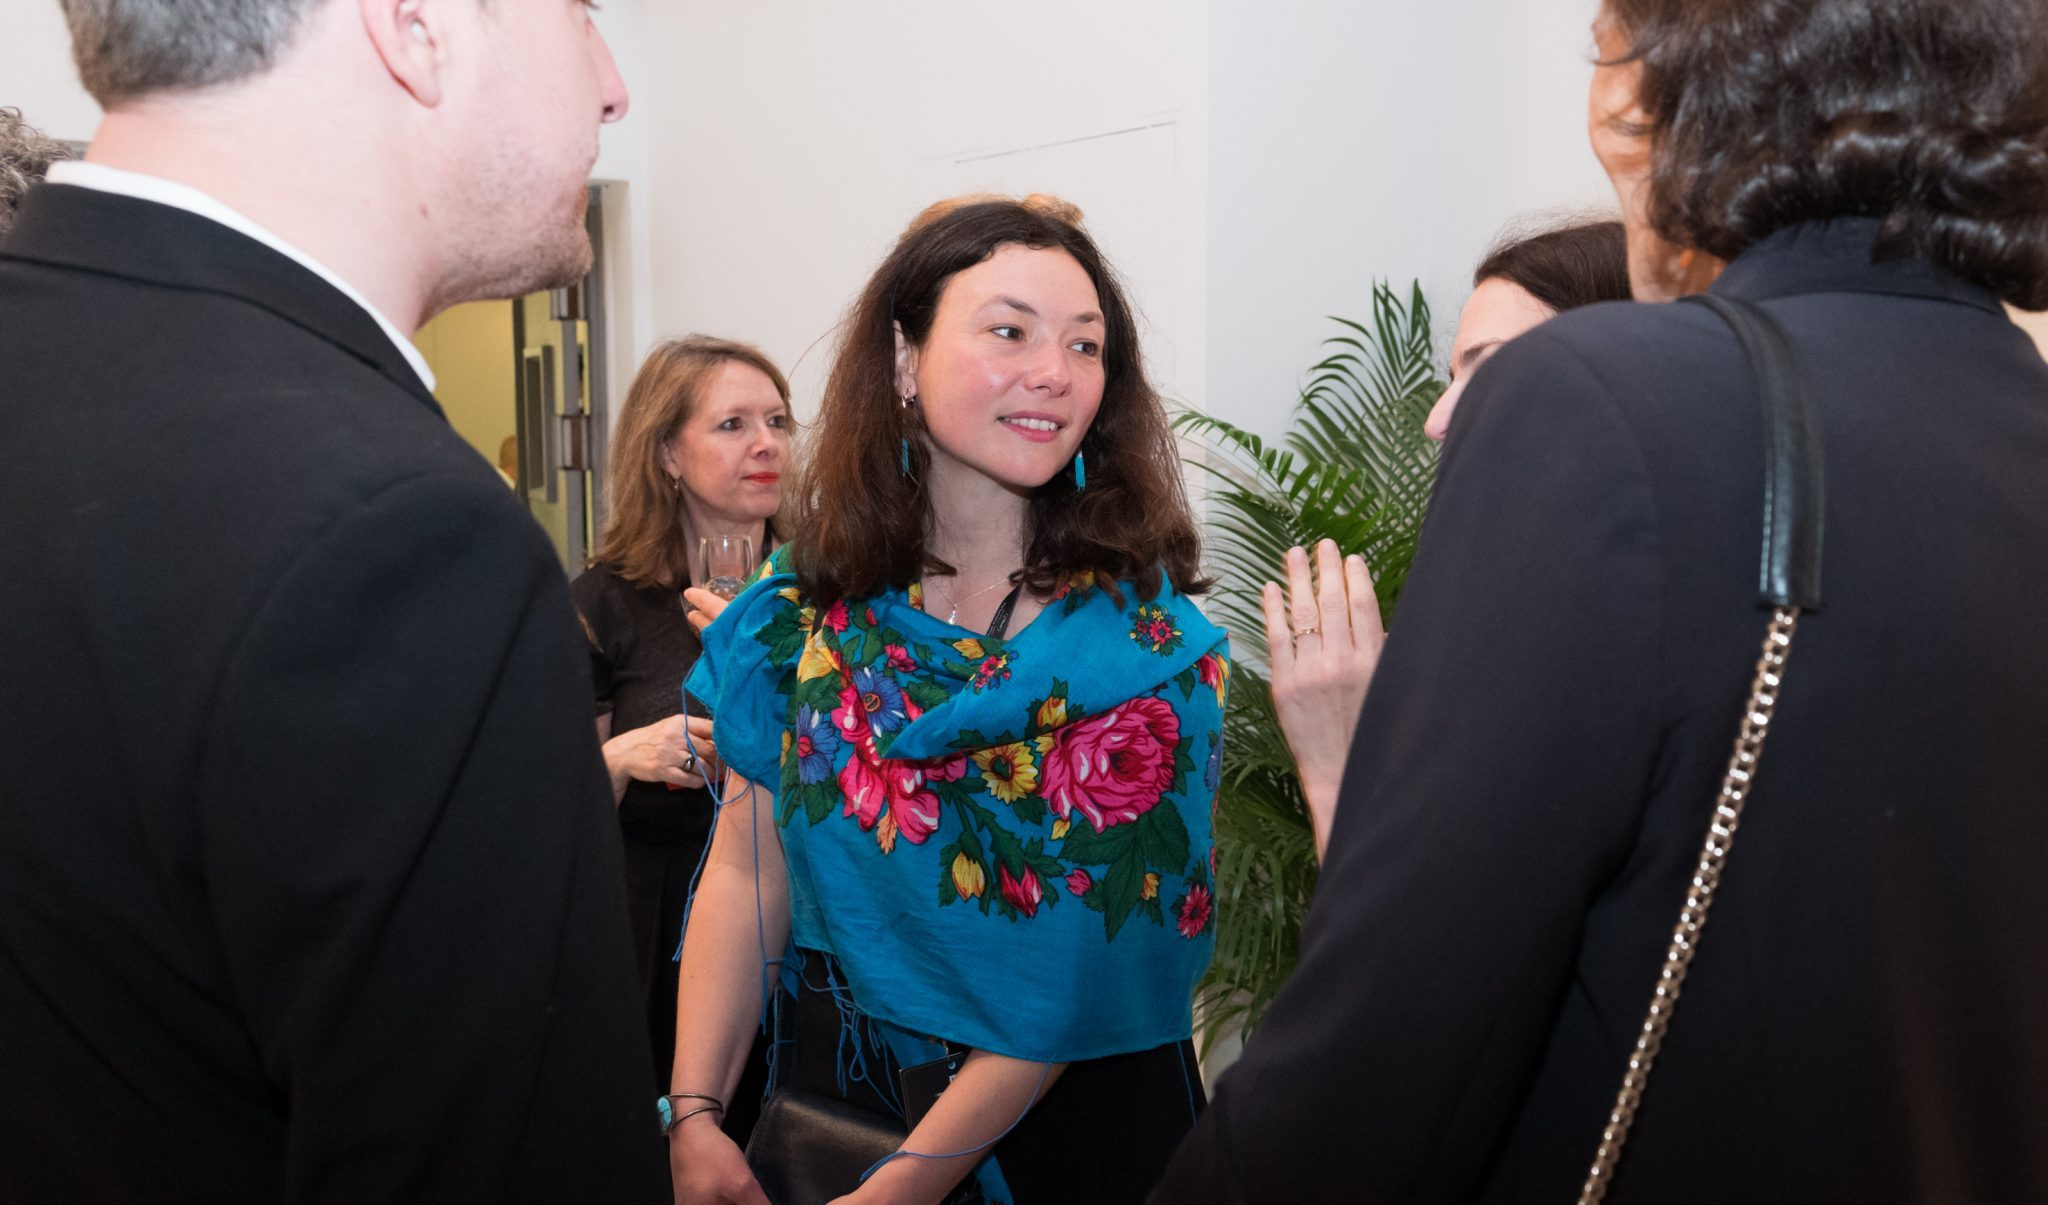 photo officielle 2 de Manon Coubia de la Semaine de la Critique 2017